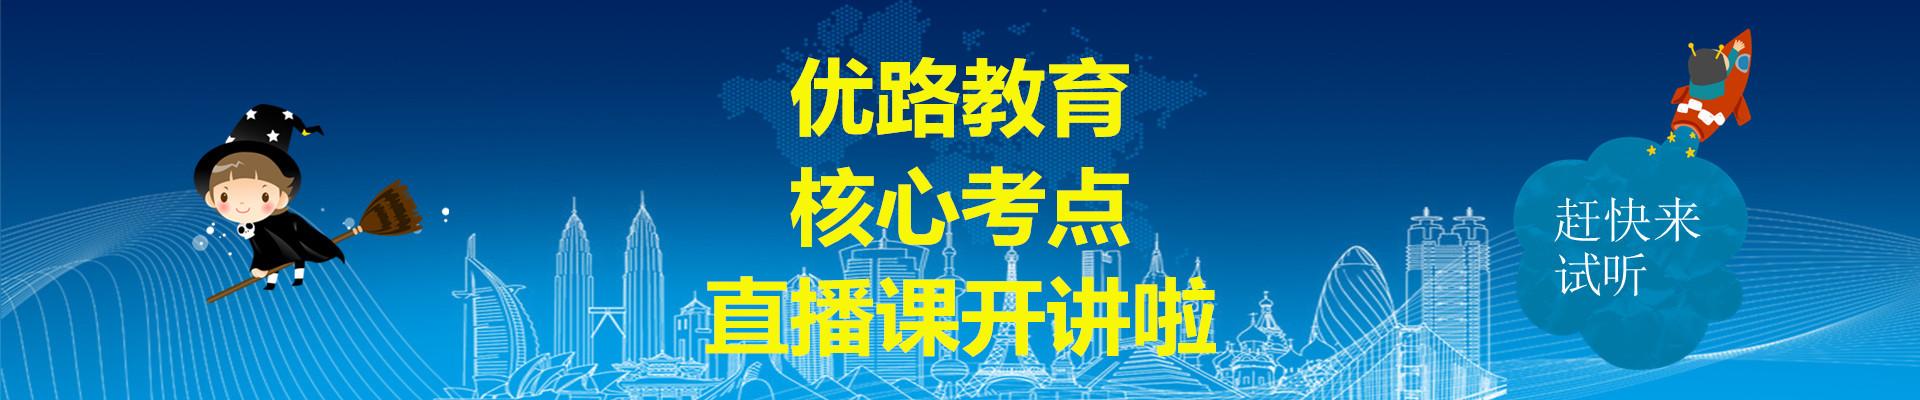 浙江舟山市优路教育培训学校